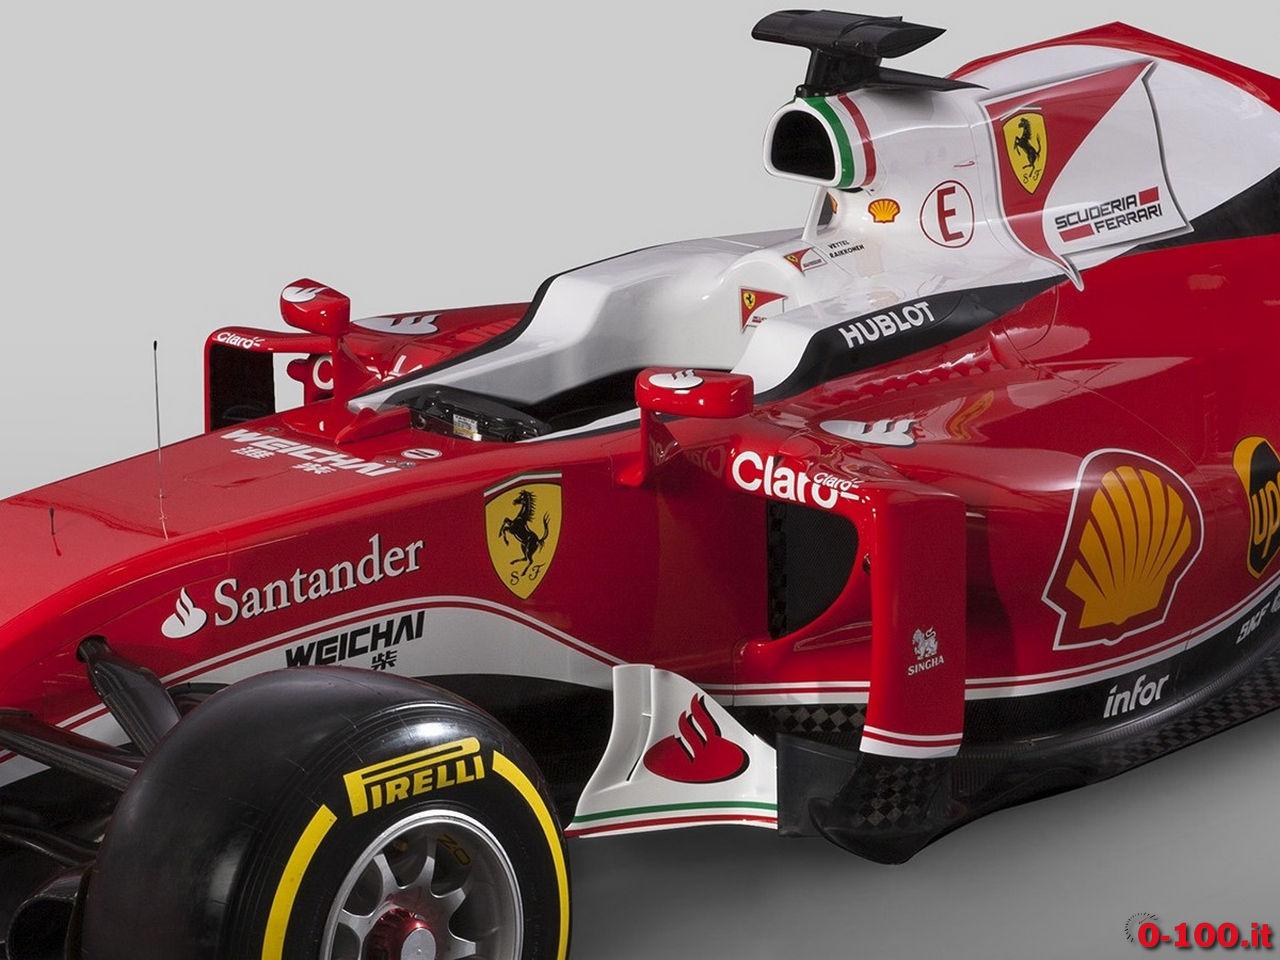 fia-formula-1-2016-ferrari-sf16-h-vettel-raikkonen_0-100_8